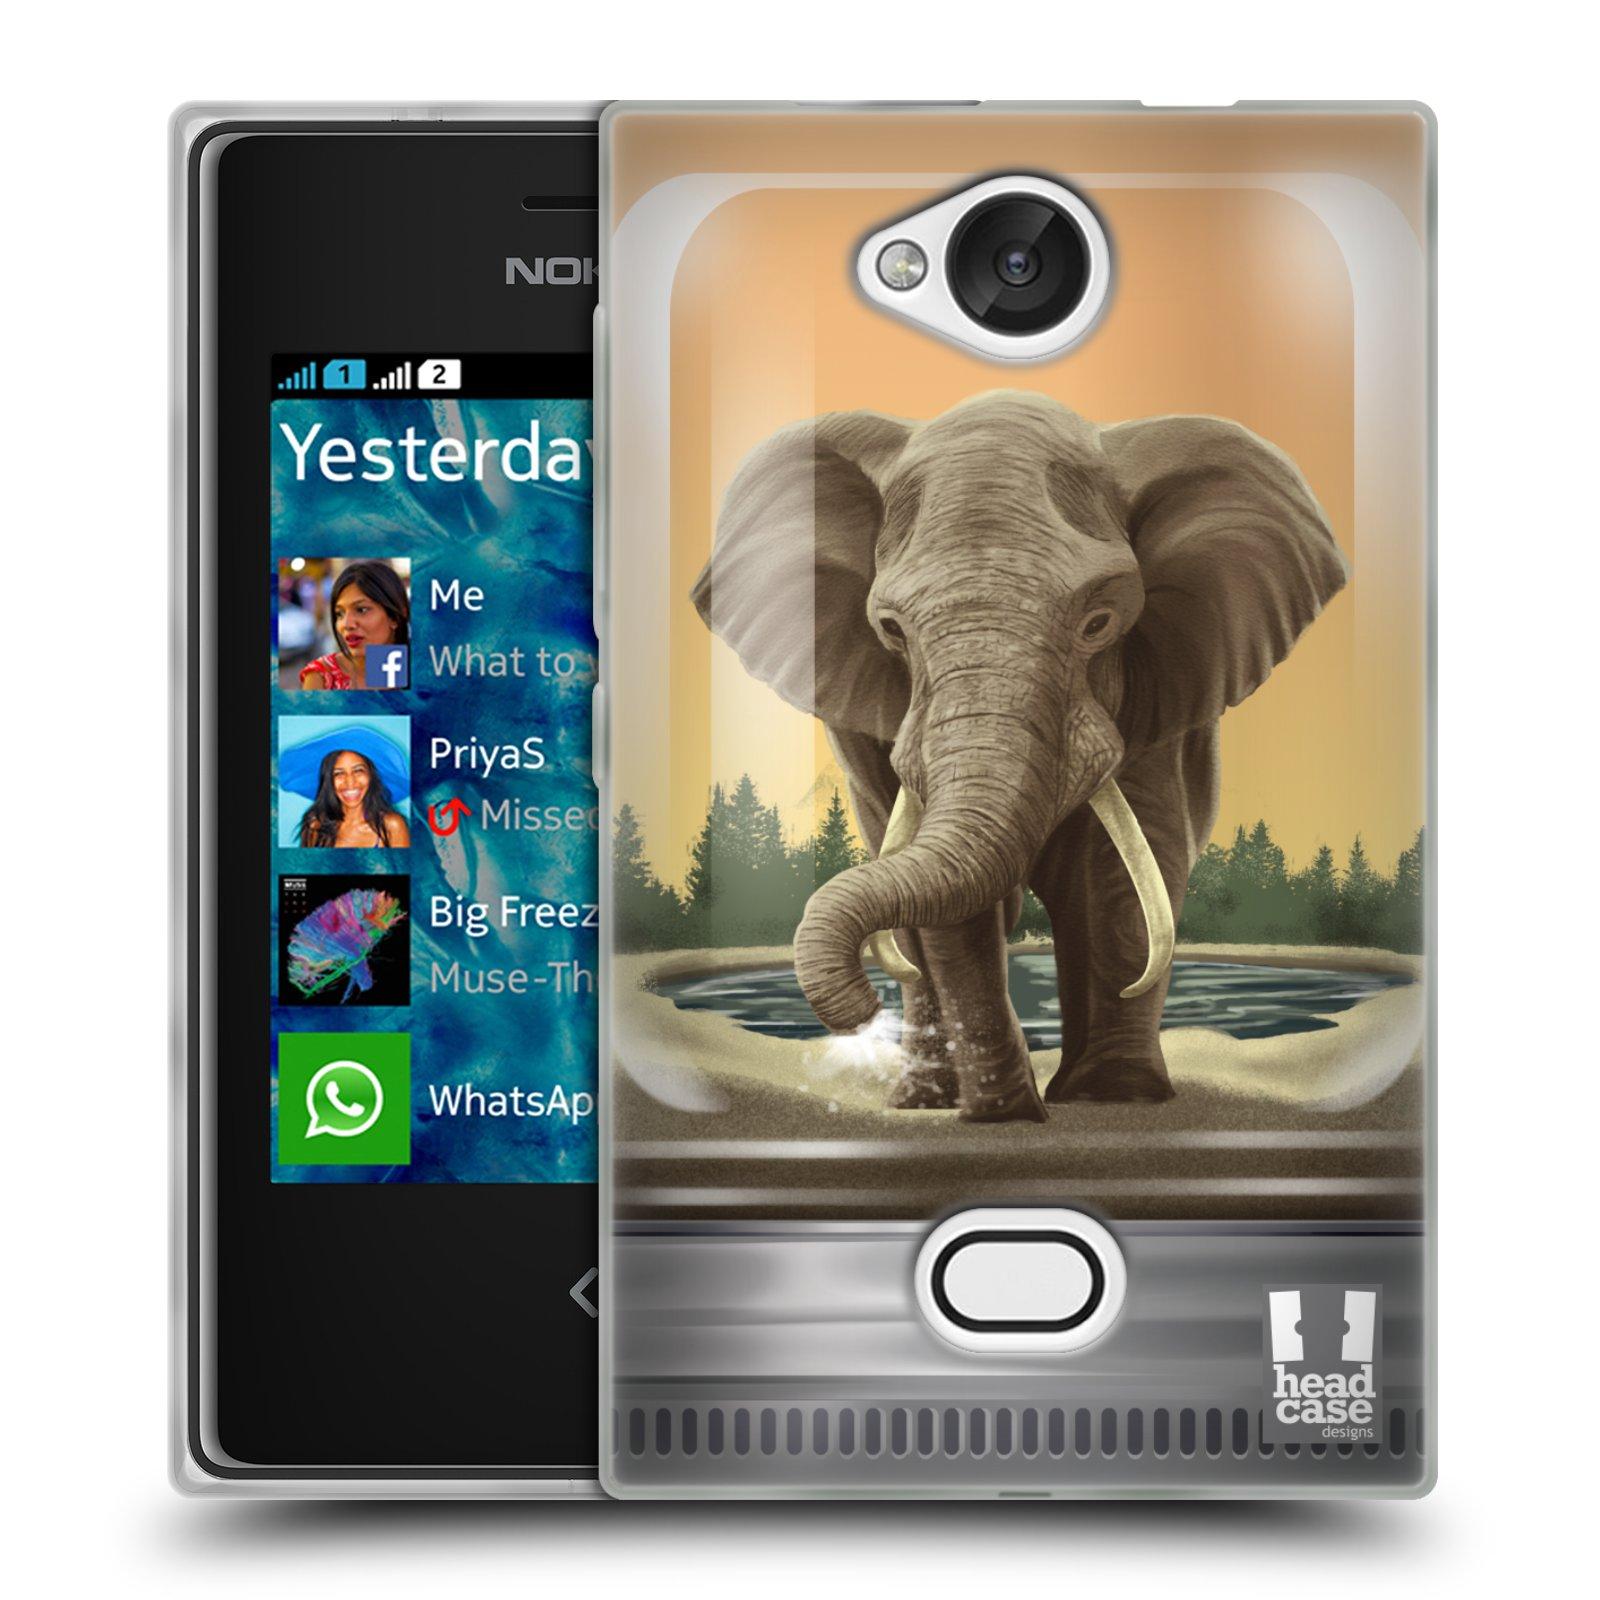 HEAD CASE silikonový obal na mobil NOKIA Asha 503 vzor Zvířátka v těžítku slon